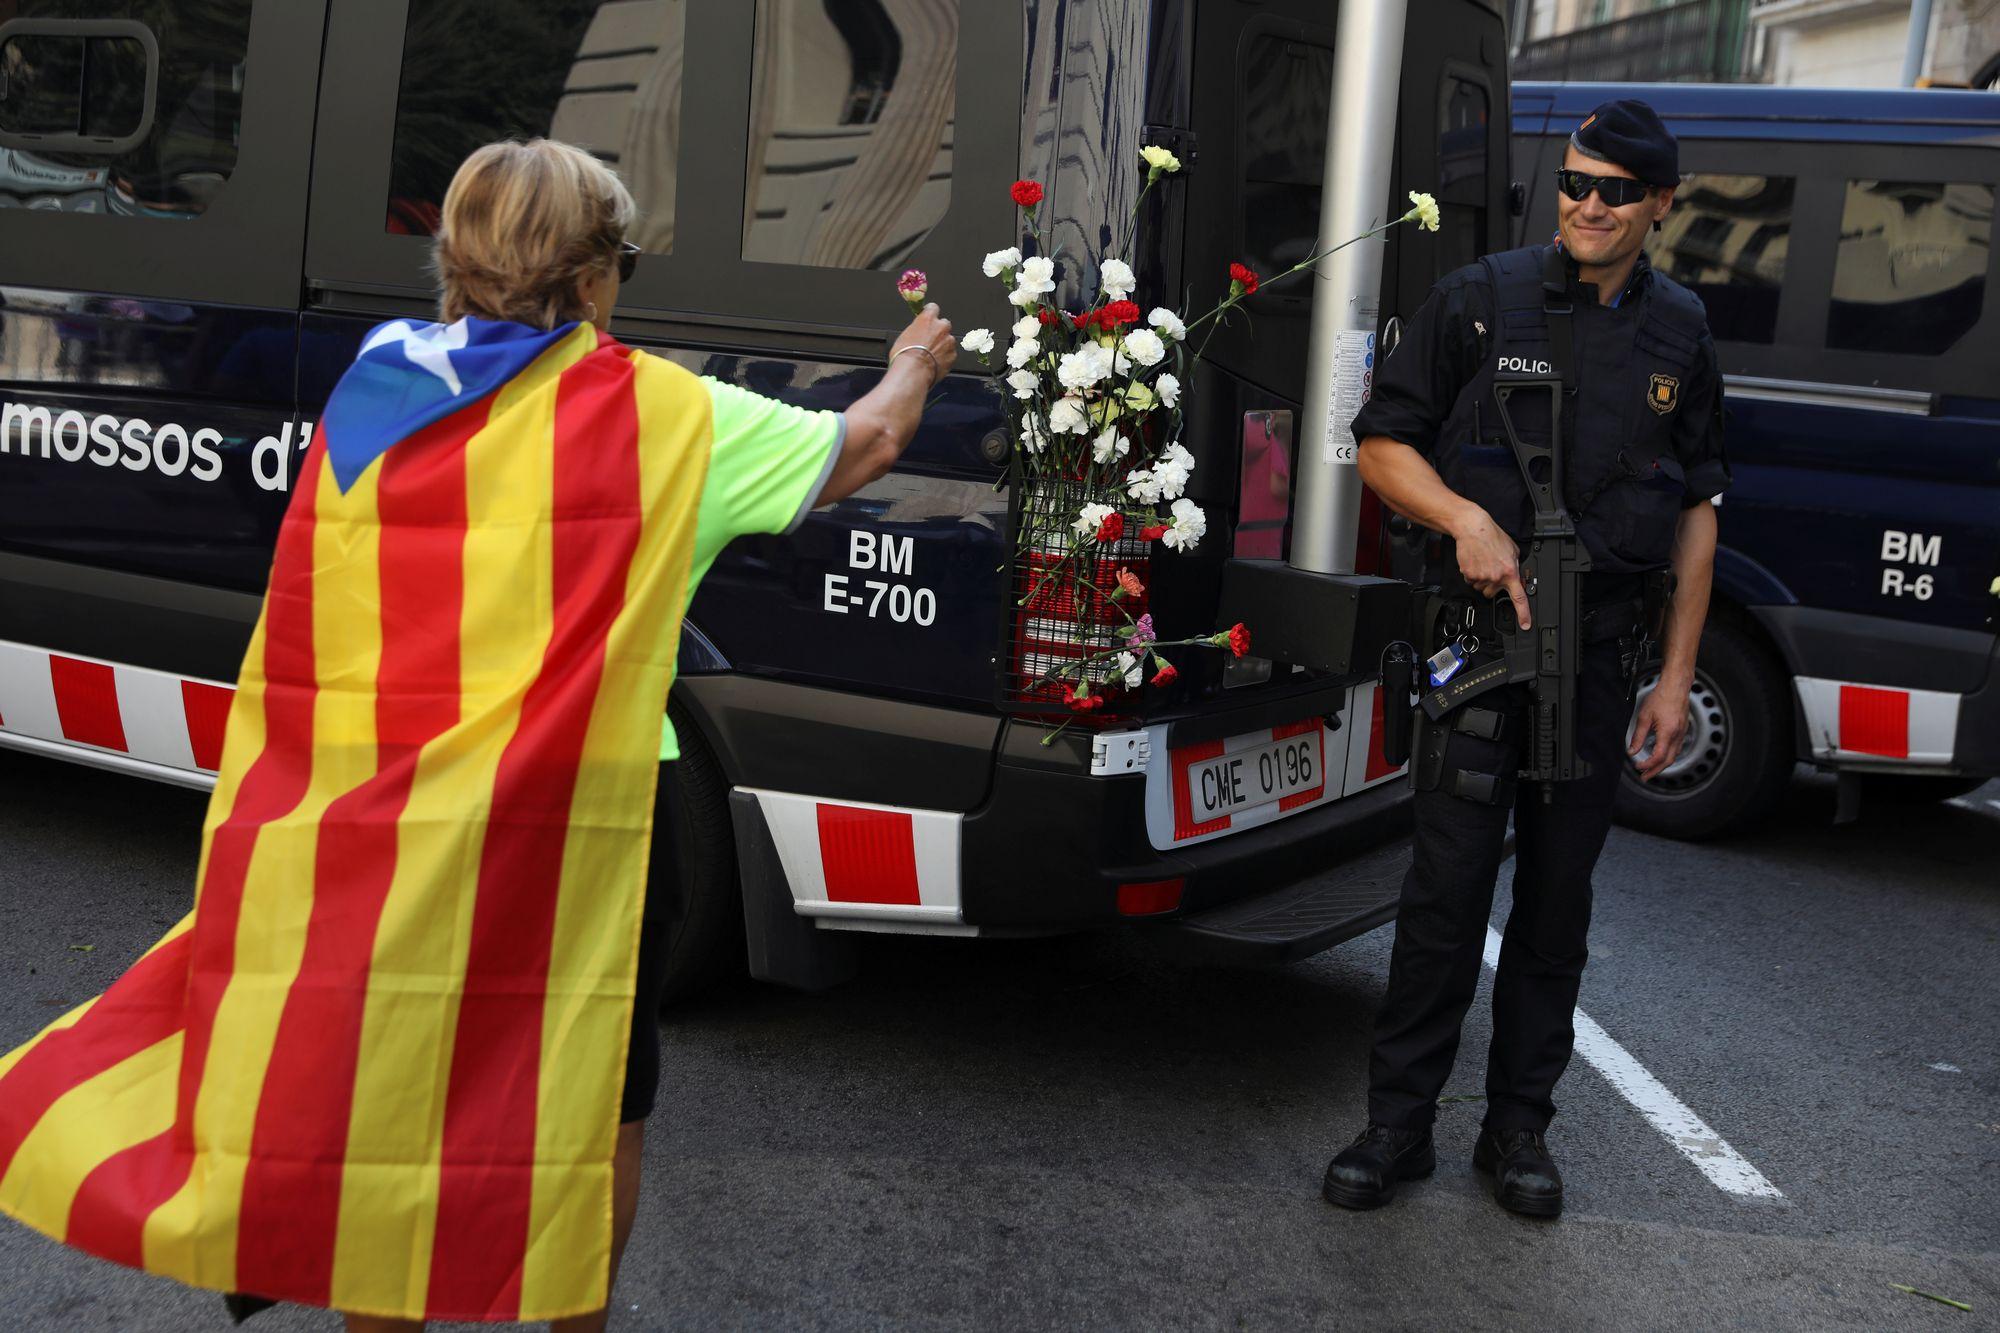 Craintes de la police catalane apr s la fermeture forc e des bureaux de vote monde - Fermeture bureau de vote ...